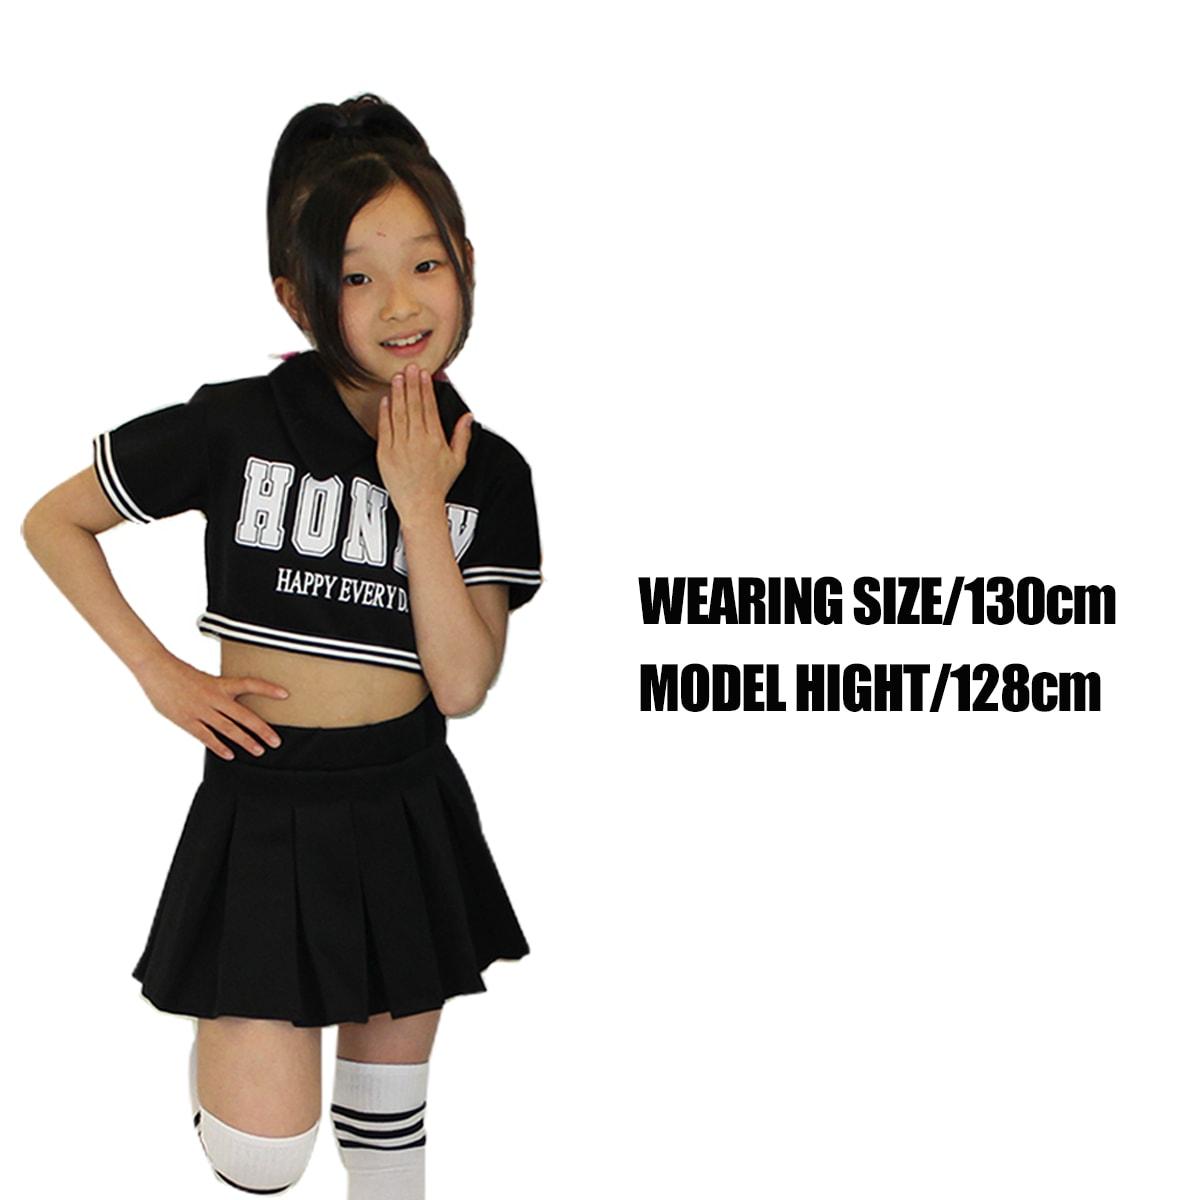 チアガール セットアップ 4カラー ヒップホップ キッズダンス衣装 セット内容